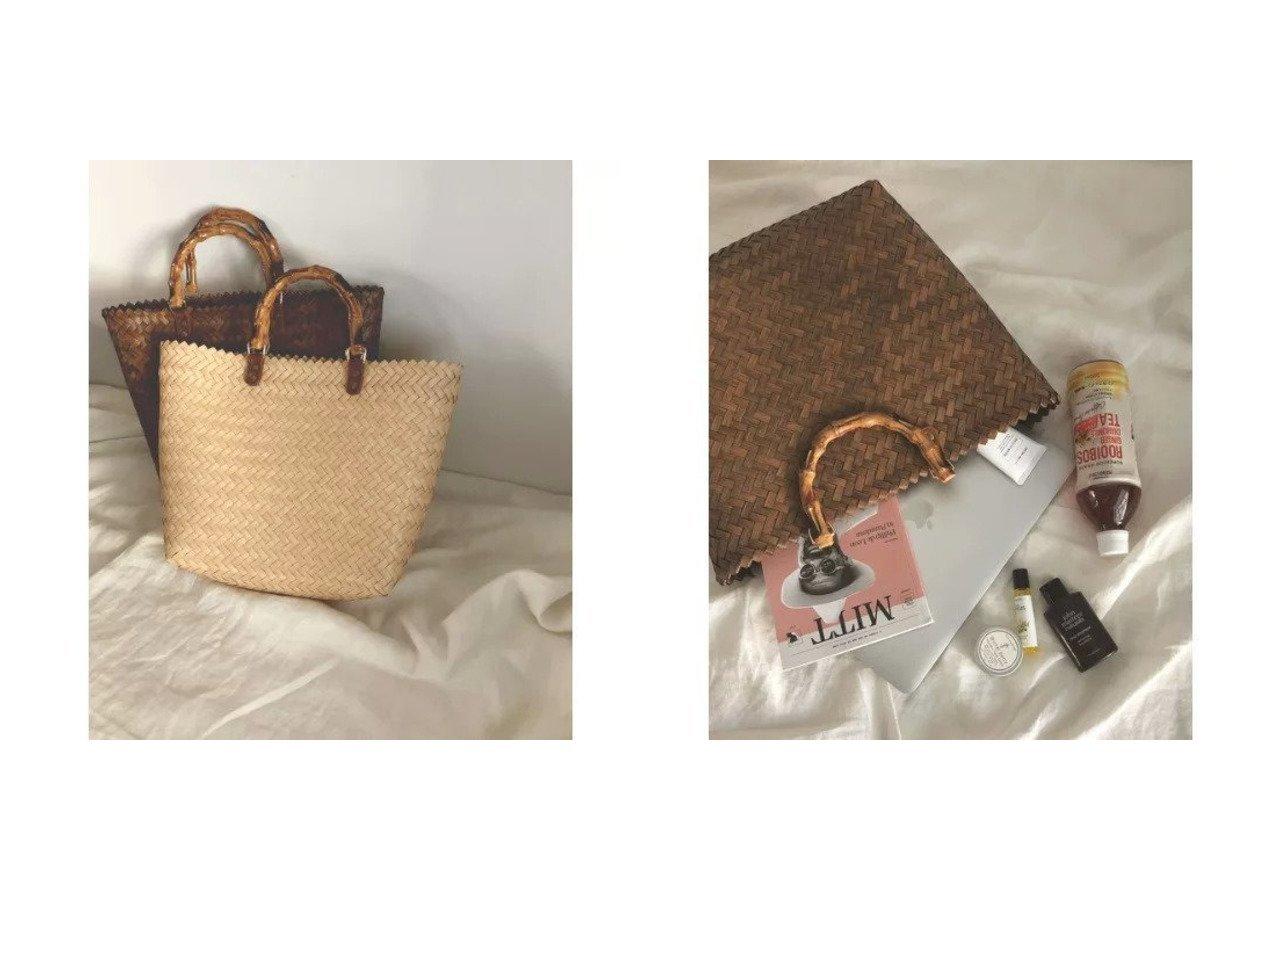 【marjour/マージュール】のBAMBOO HANDLE BASKET BAG 【バッグ・鞄】おすすめ!人気、トレンド・レディースファッションの通販 おすすめで人気の流行・トレンド、ファッションの通販商品 インテリア・家具・メンズファッション・キッズファッション・レディースファッション・服の通販 founy(ファニー) https://founy.com/ ファッション Fashion レディースファッション WOMEN バッグ Bag おすすめ Recommend ストール バンブー フェイク ポケット 傘  ID:crp329100000048178